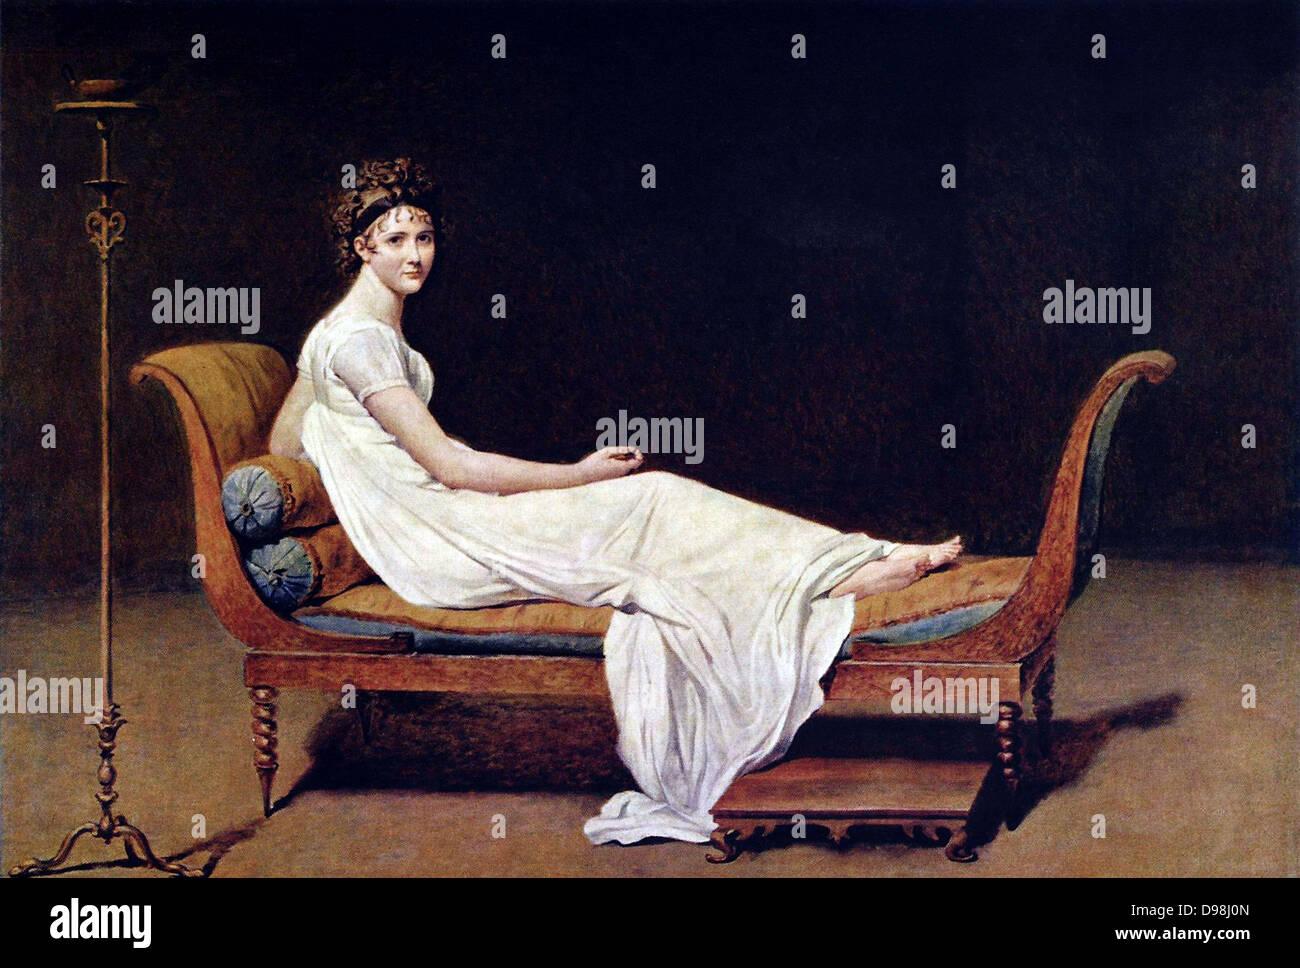 Jacques-Louis David. Ritratto di Madame Recamier 1800 Immagini Stock